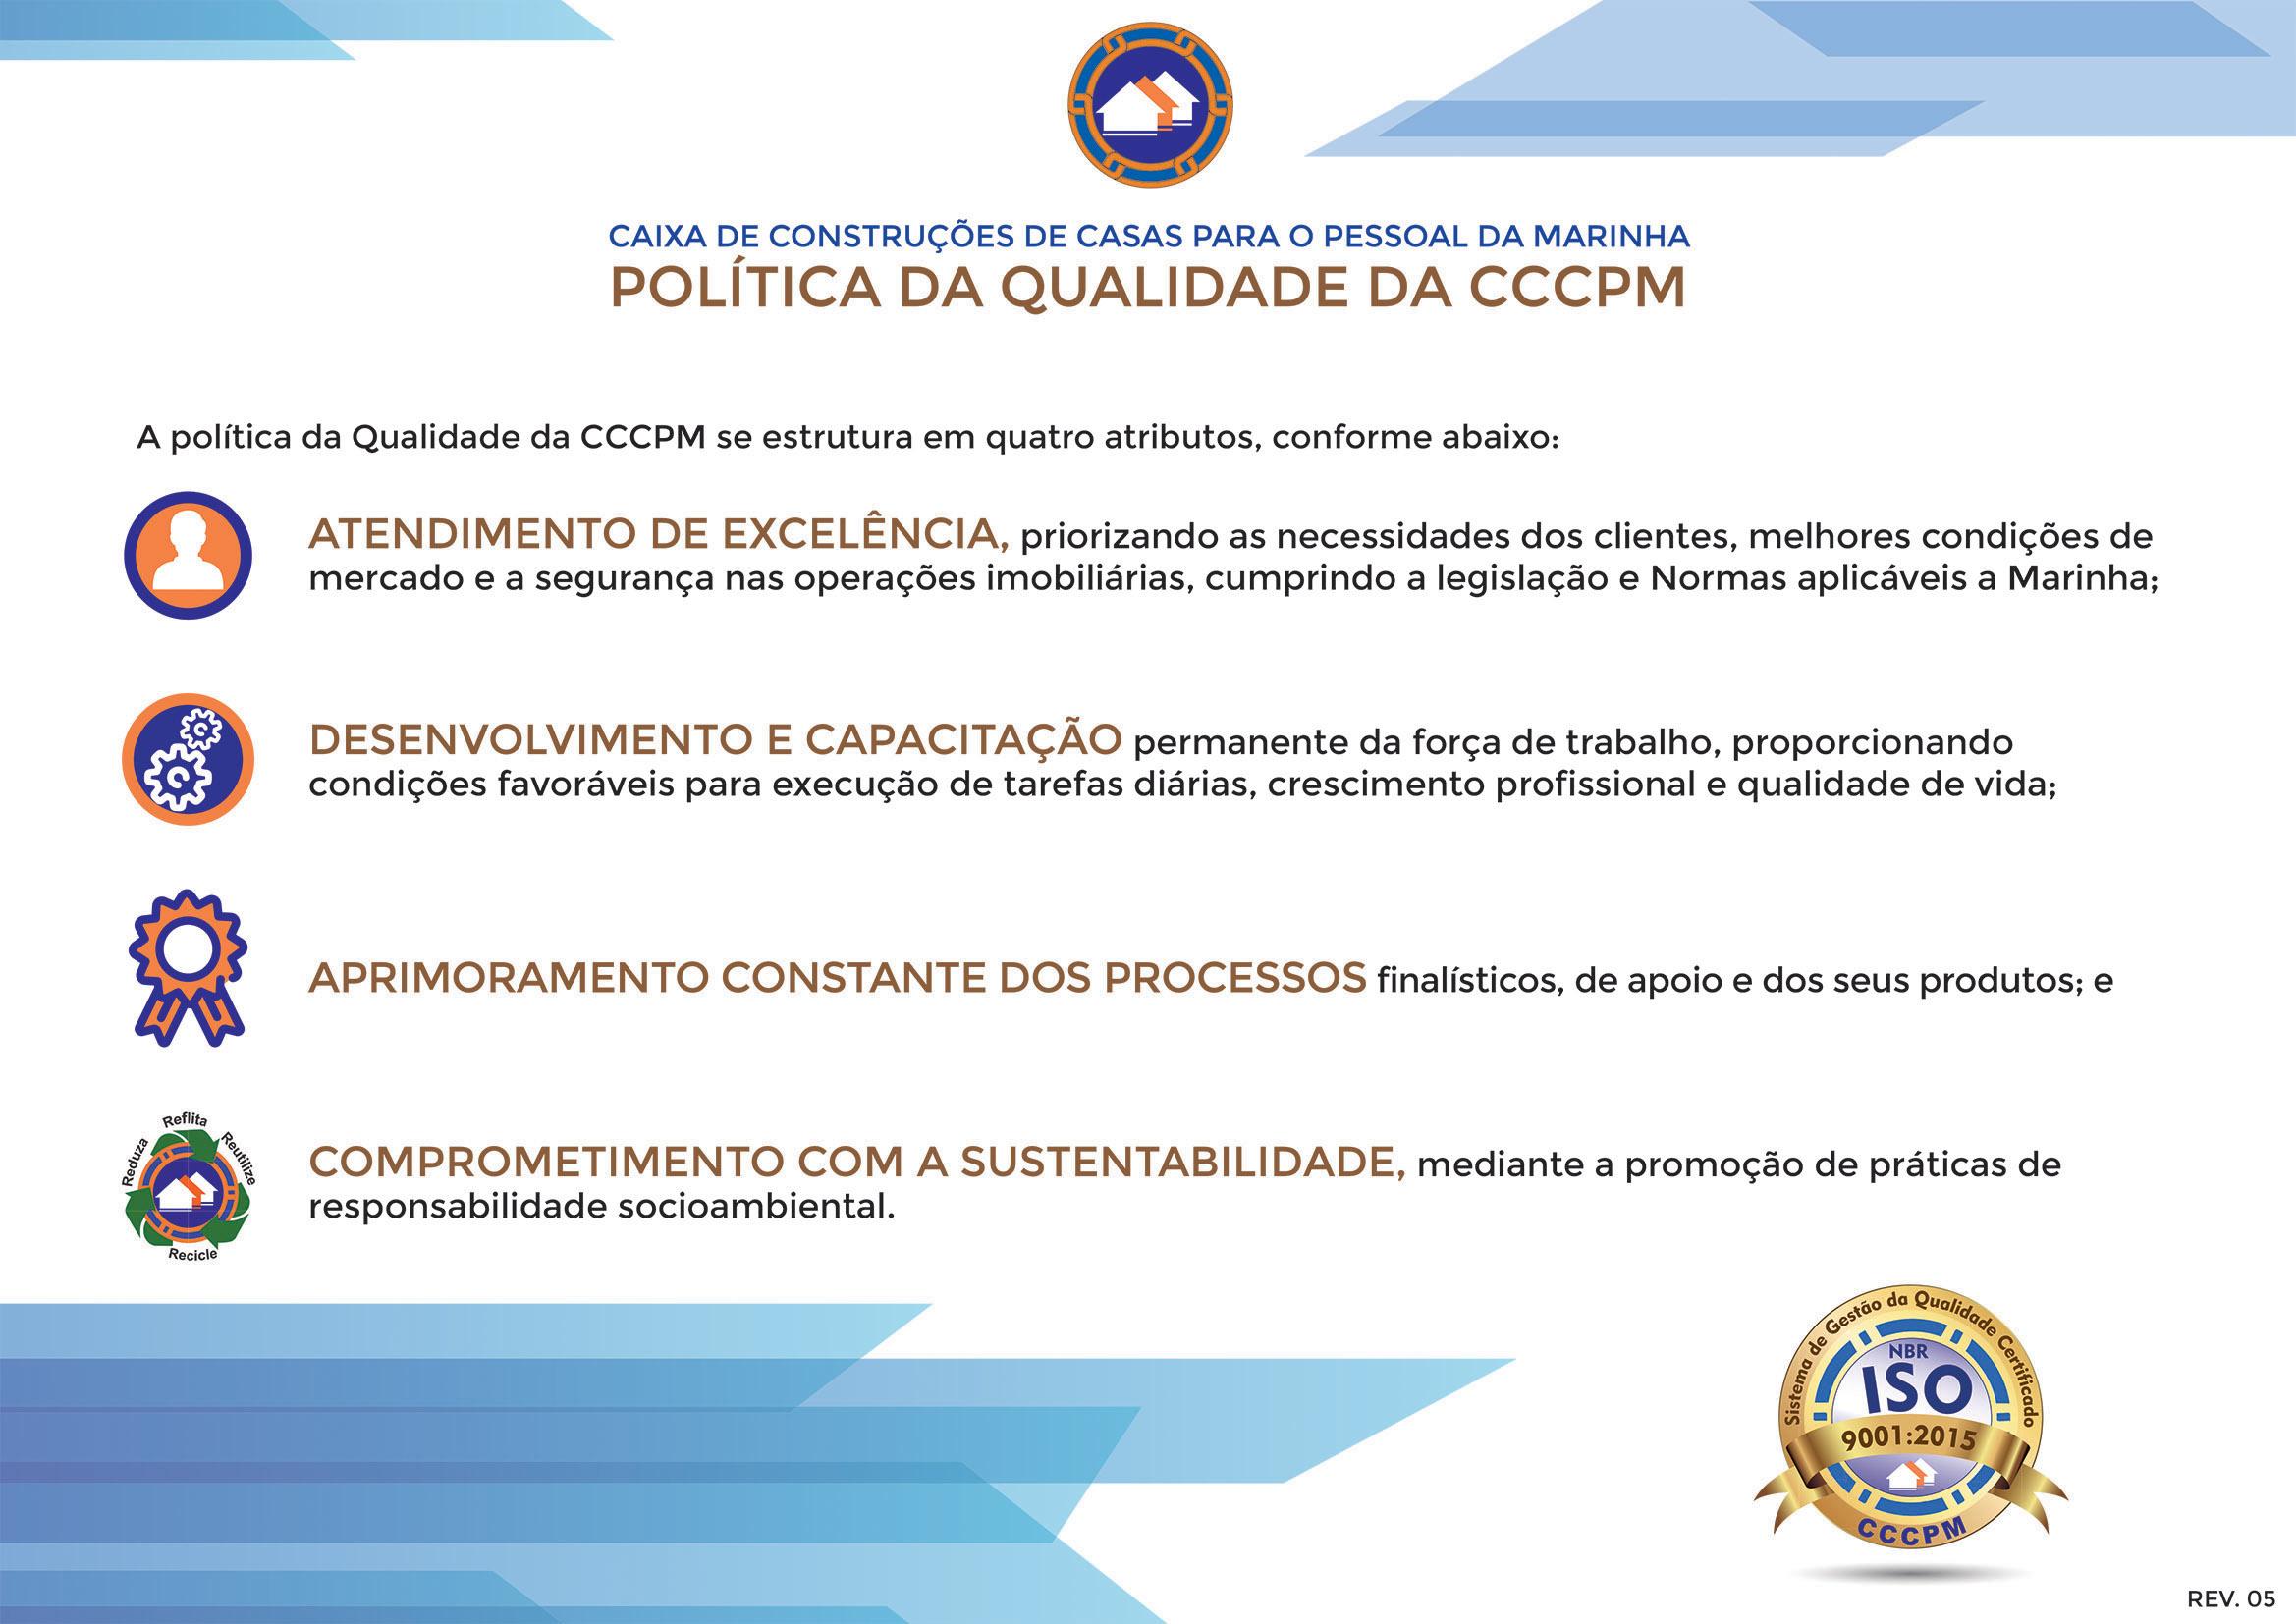 Política de qualidade da CCCPM